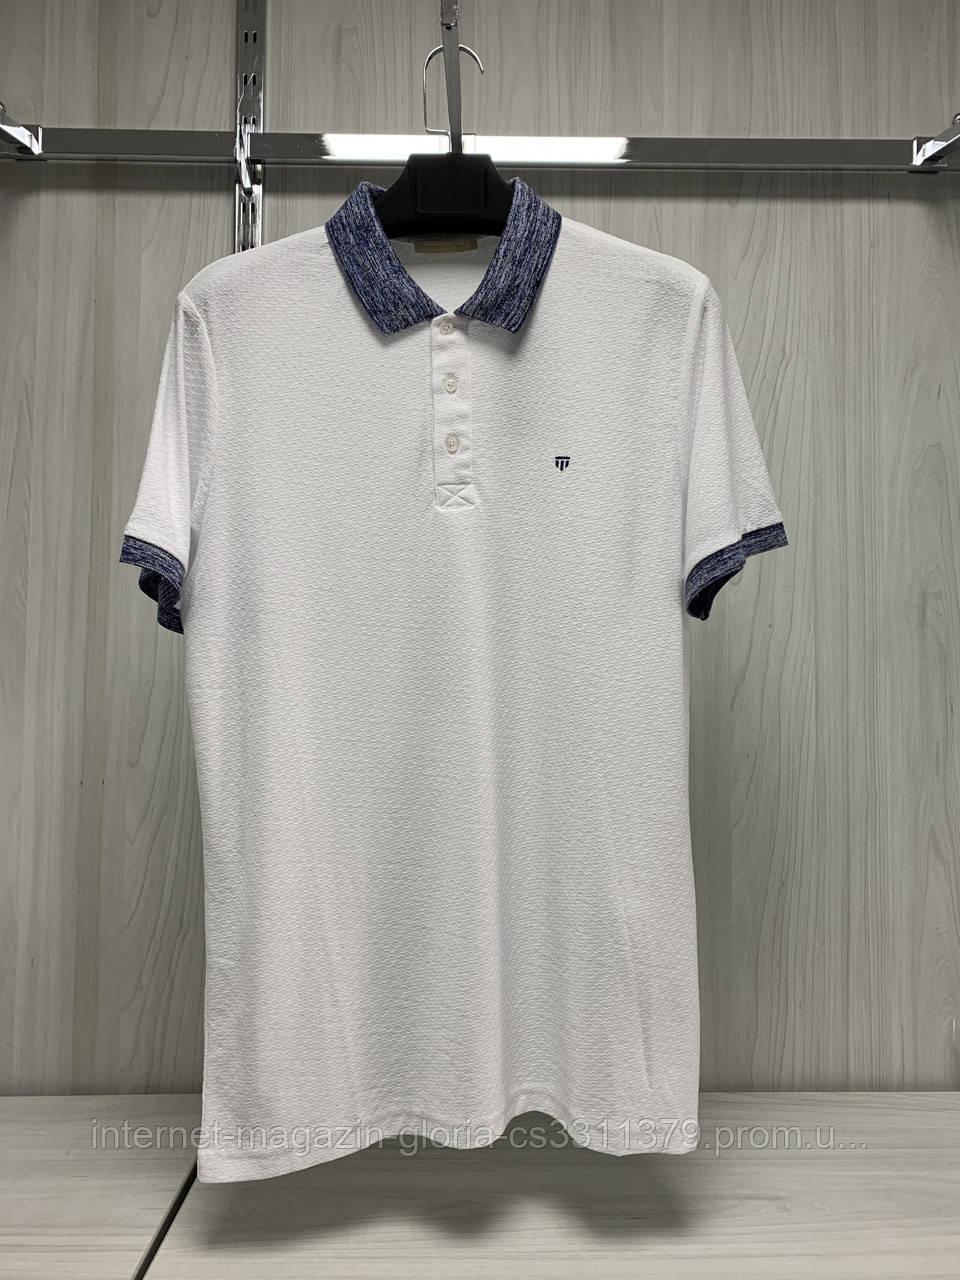 Мужская футболка поло Tony Montana. 5011(beyaz). Размеры: M,L,XL,XXL.